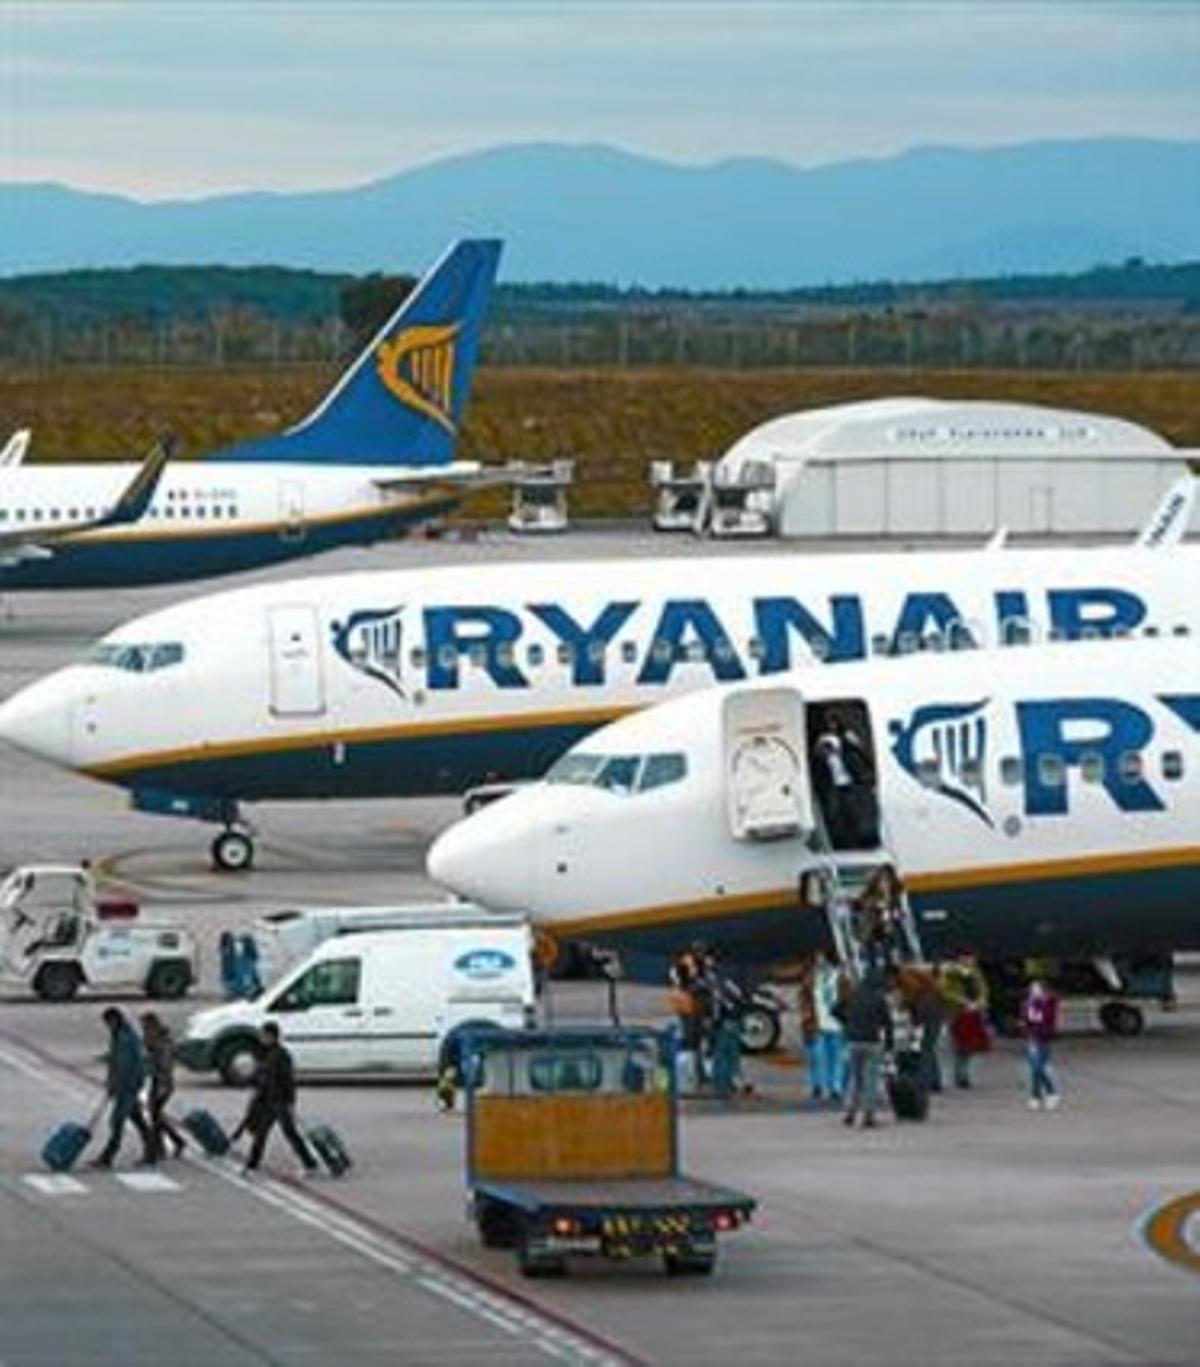 Unos pasajeros bajan de un avión de Ryanair en Girona.